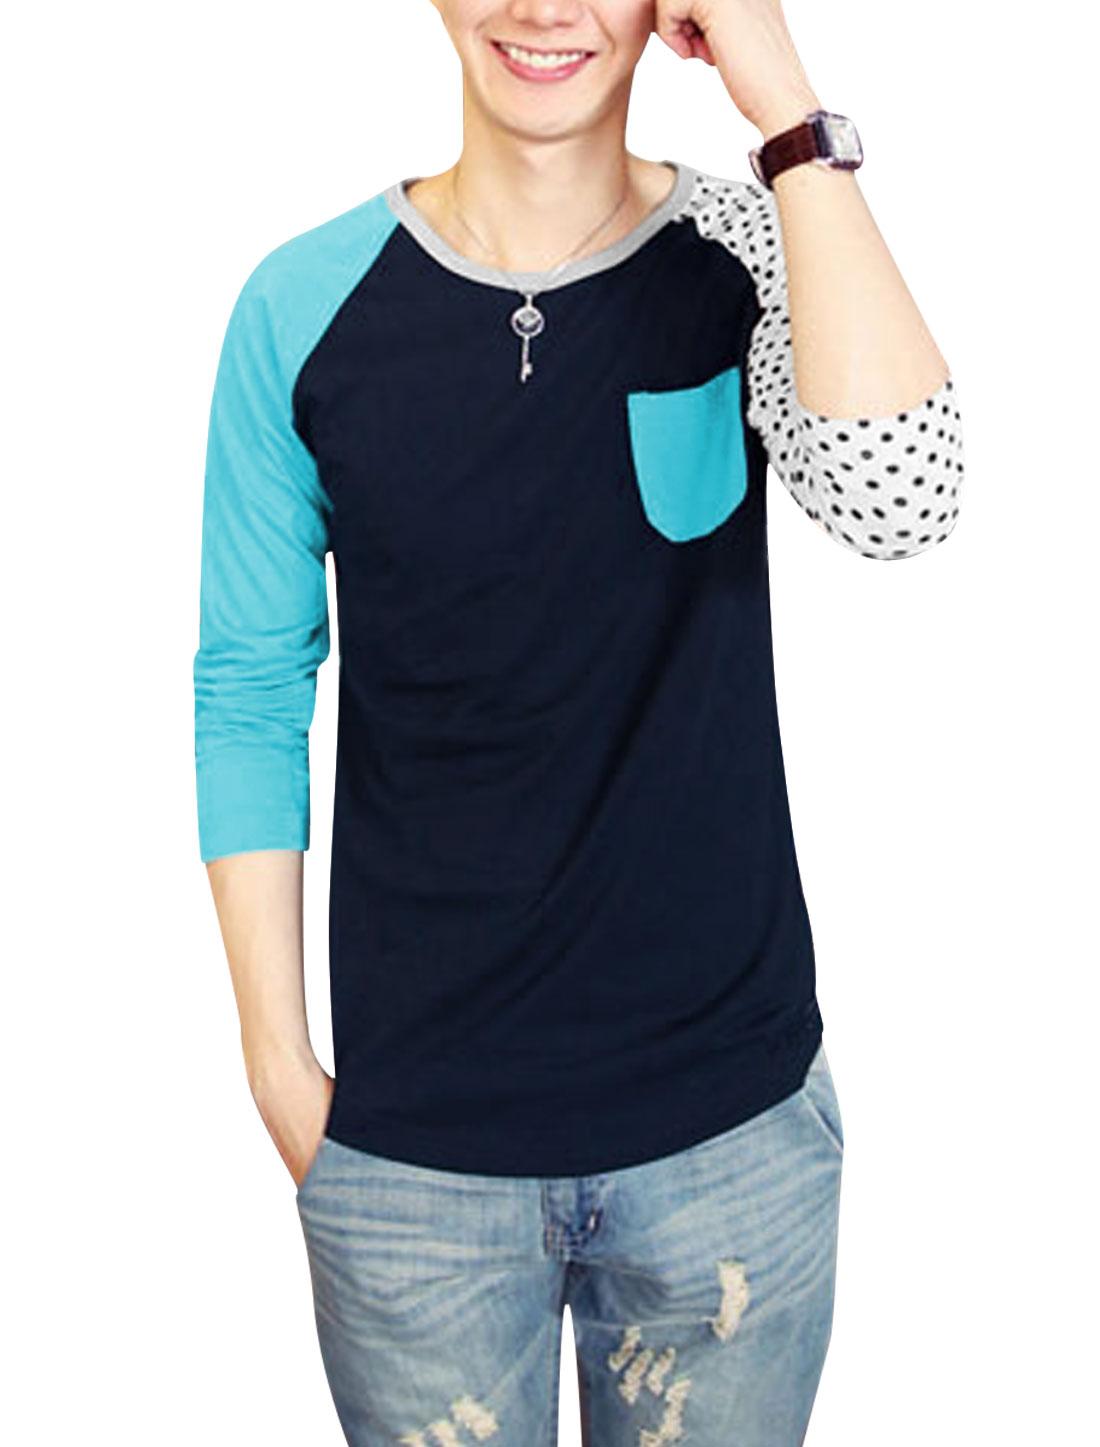 Men Dots Detail Color Block One Pocket Chest Cozy Fit Top Shirt Multicolor S